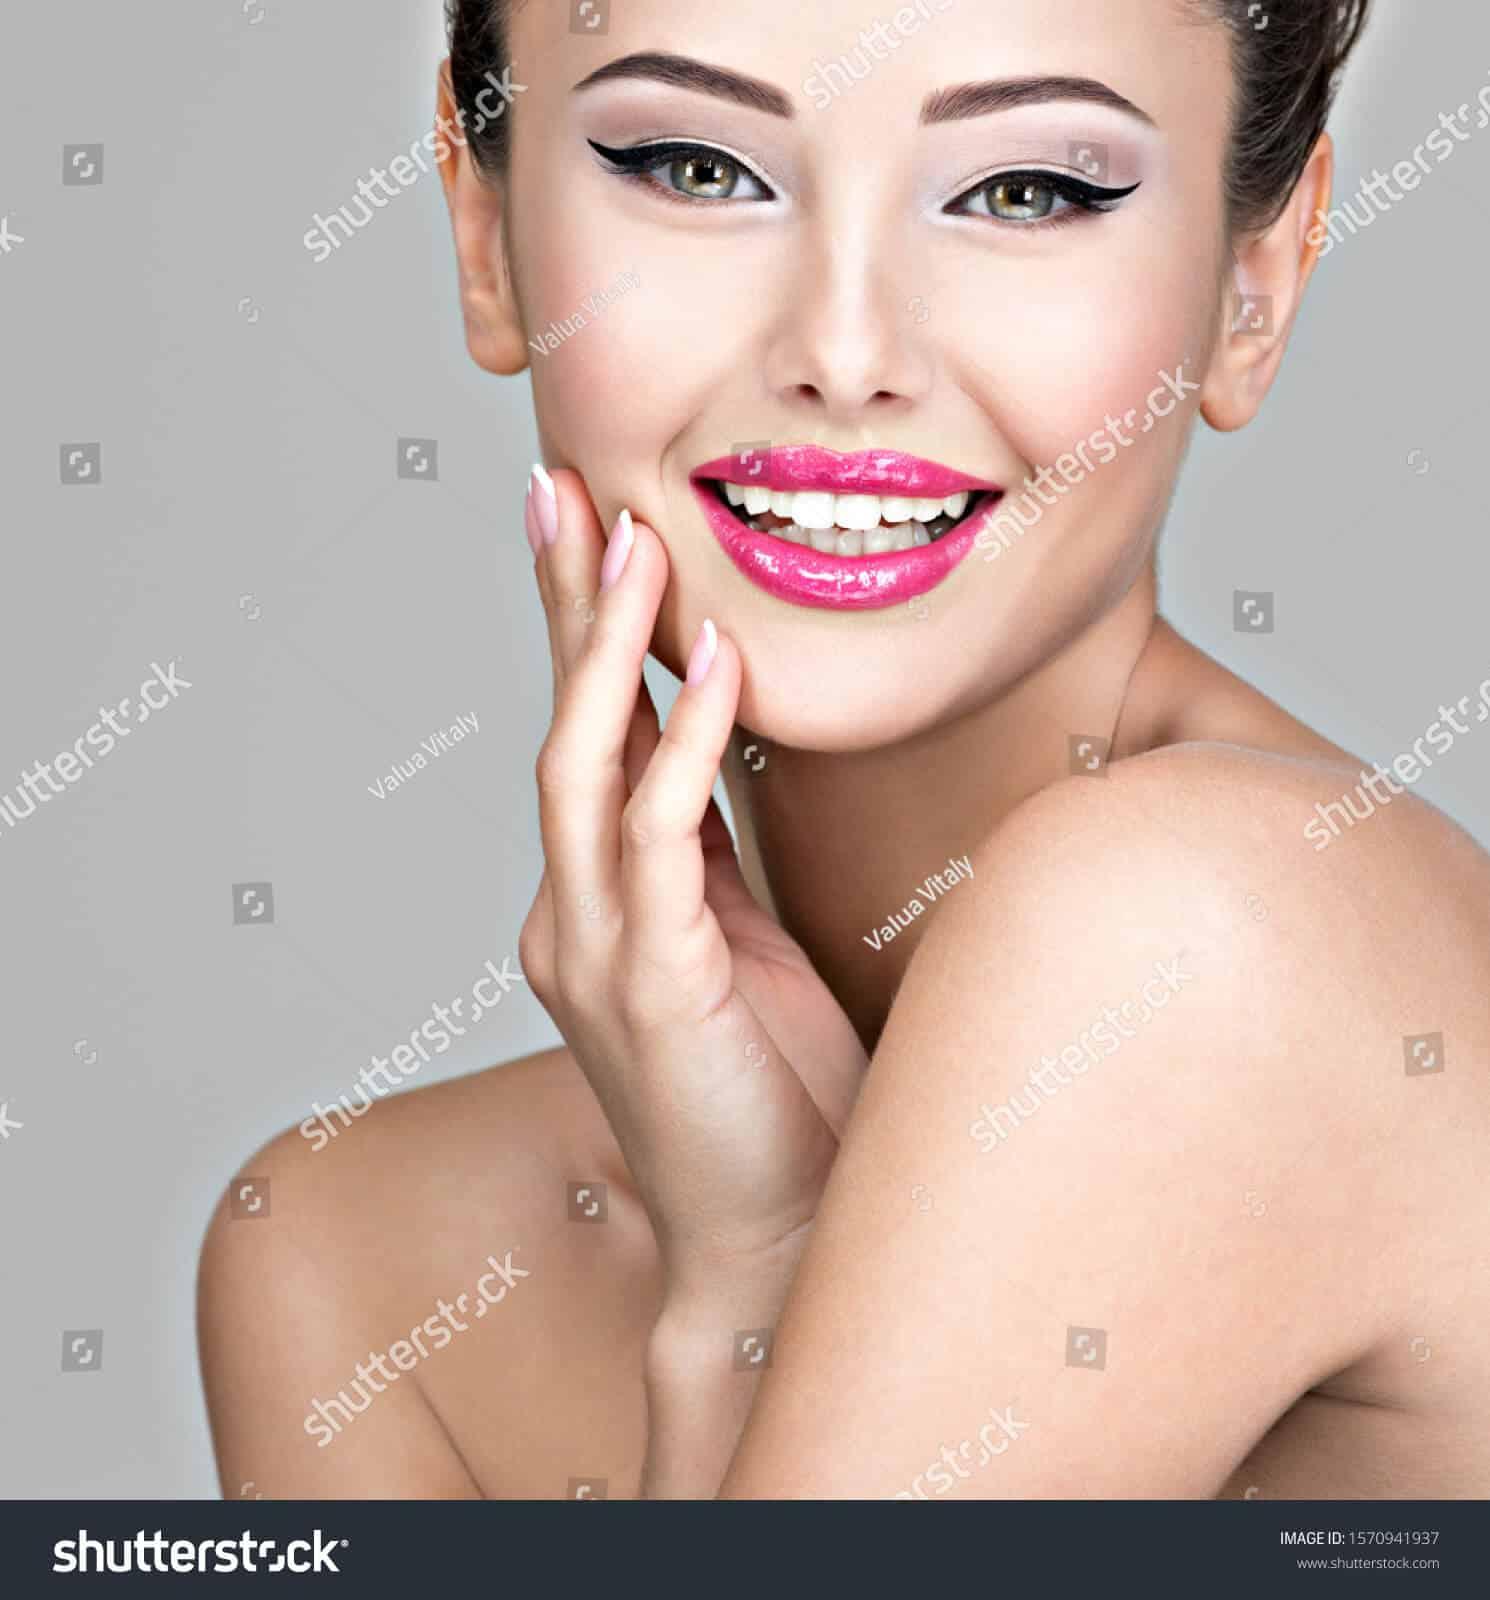 87 triệu hình ảnh người đẹp chất lượng cao trên Shutterstock